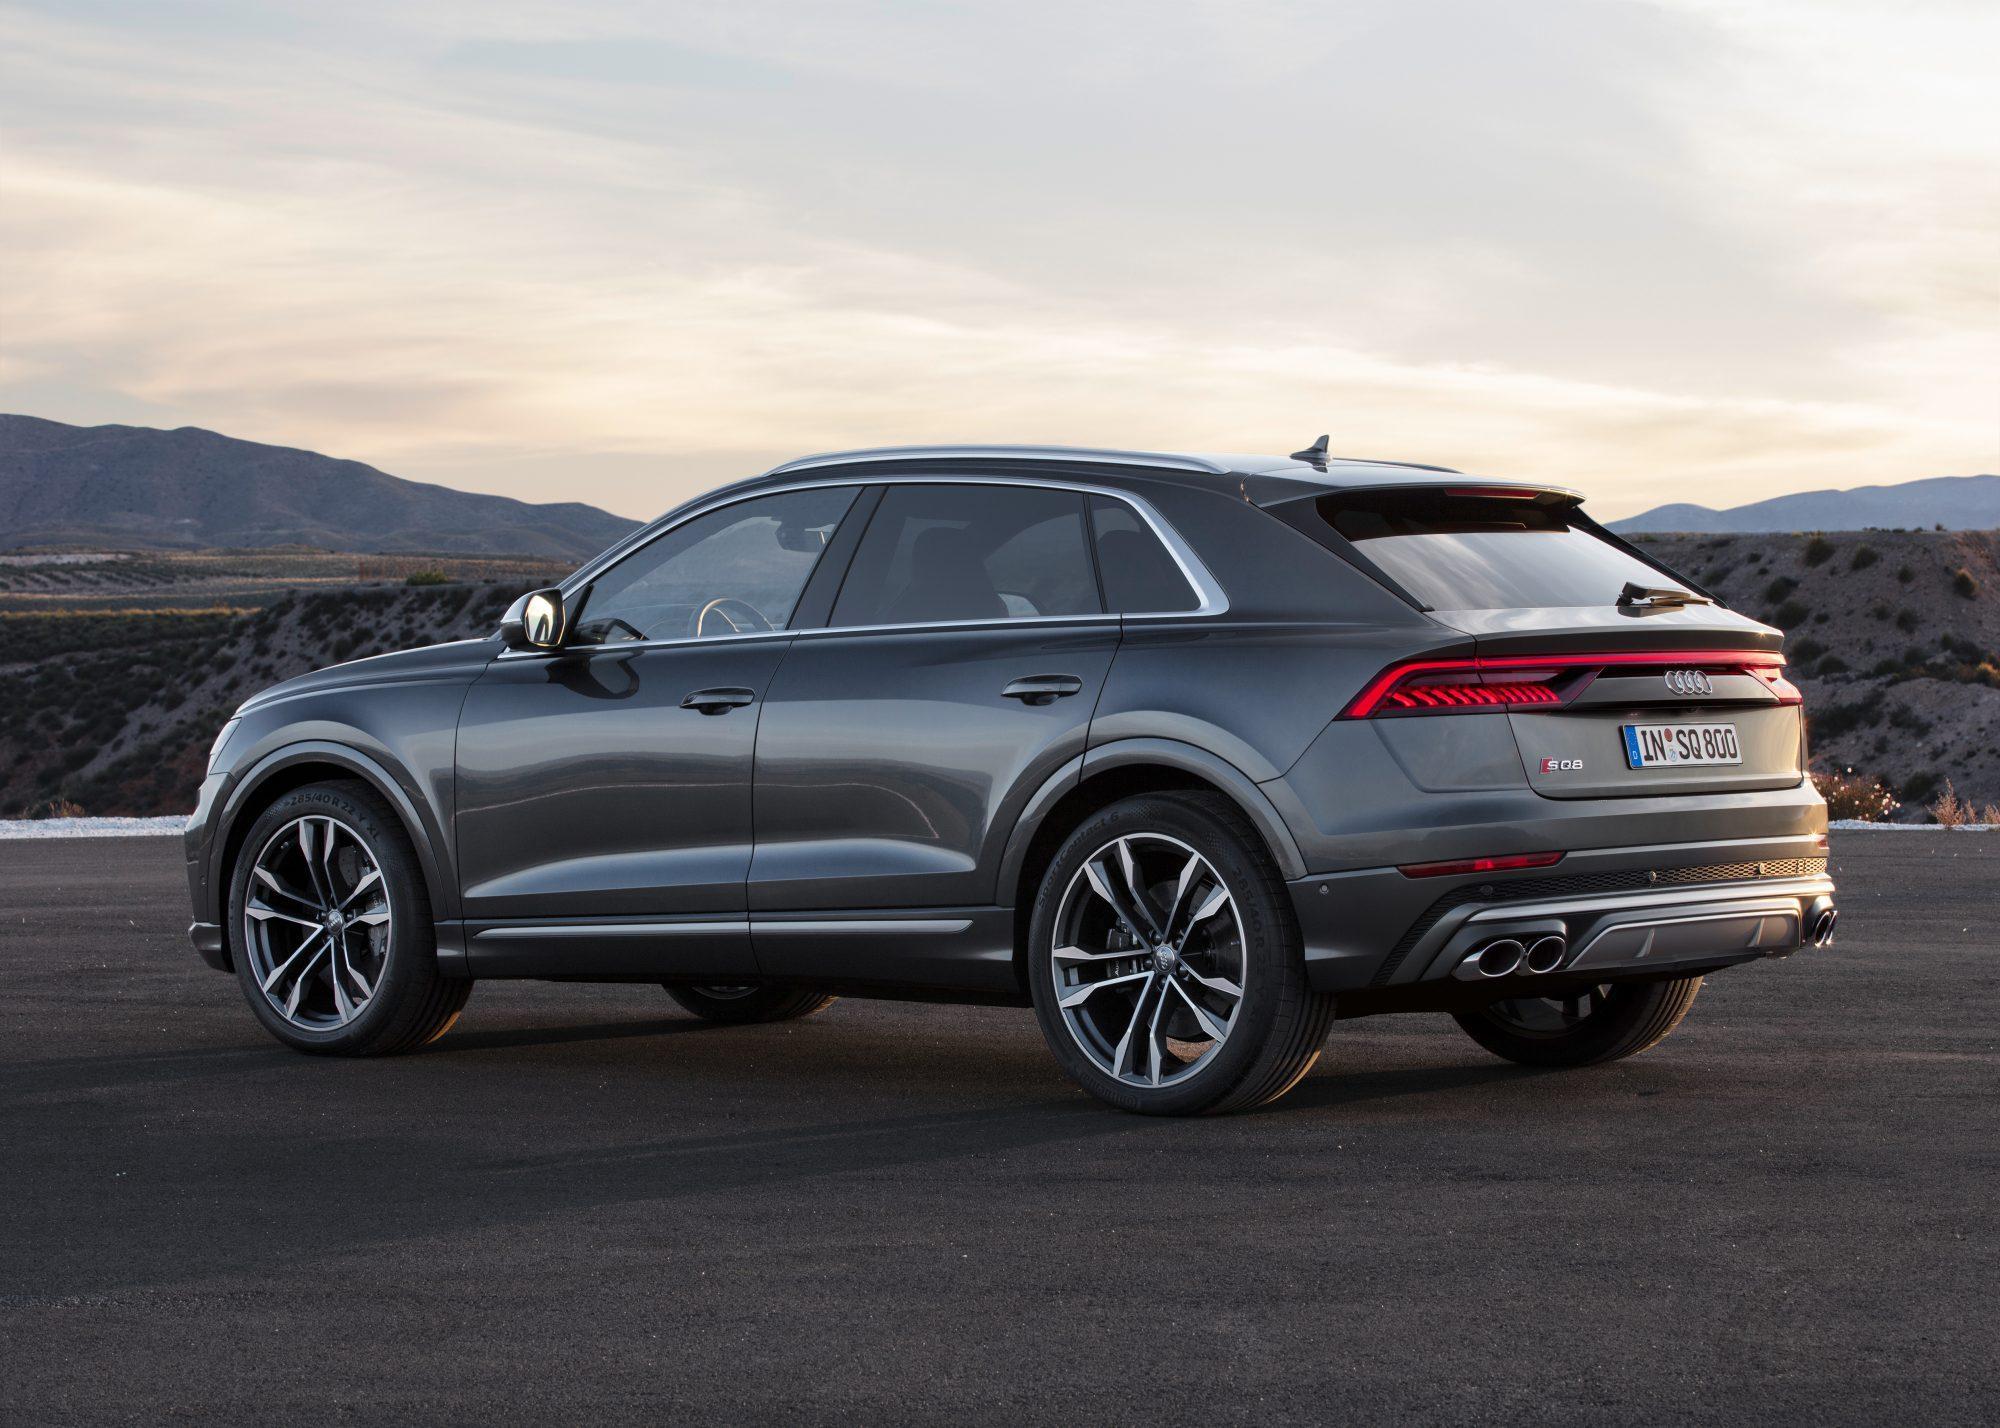 Kelebihan Kekurangan Audi Sq8 2019 Top Model Tahun Ini